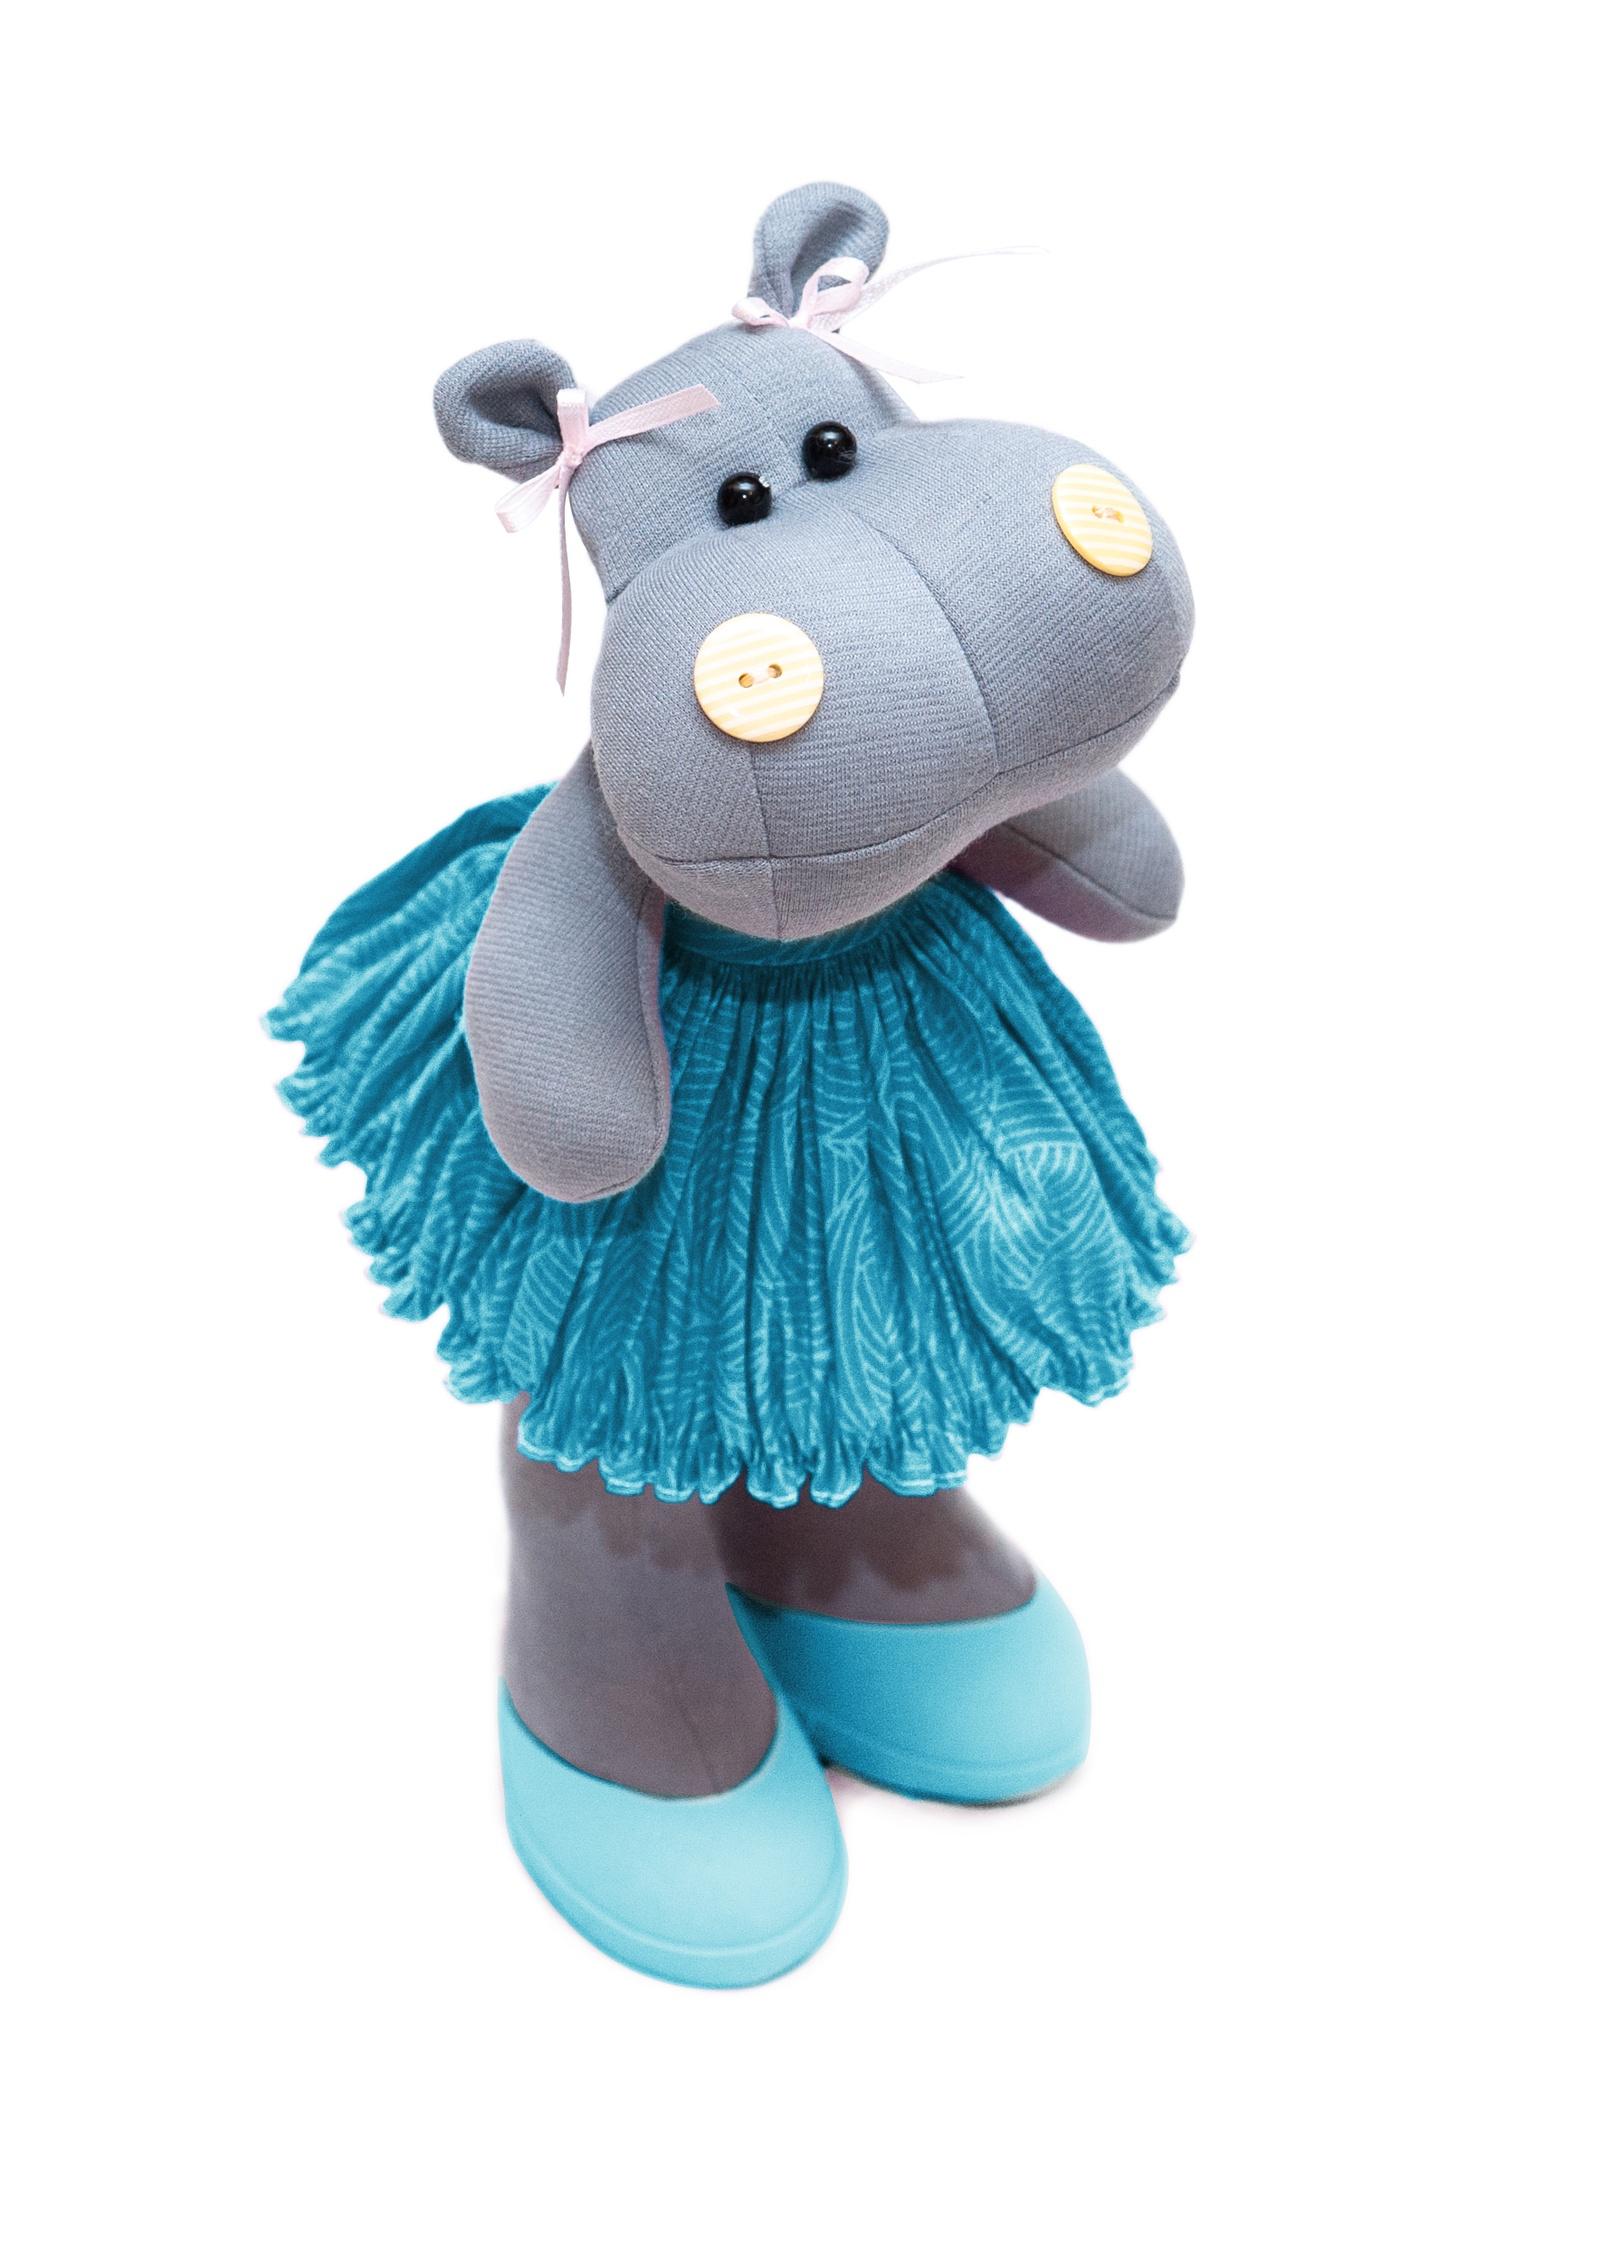 Набор для изготовления игрушки Кукольная фея Б-4.25.2 тата симонян 2019 05 25t18 00